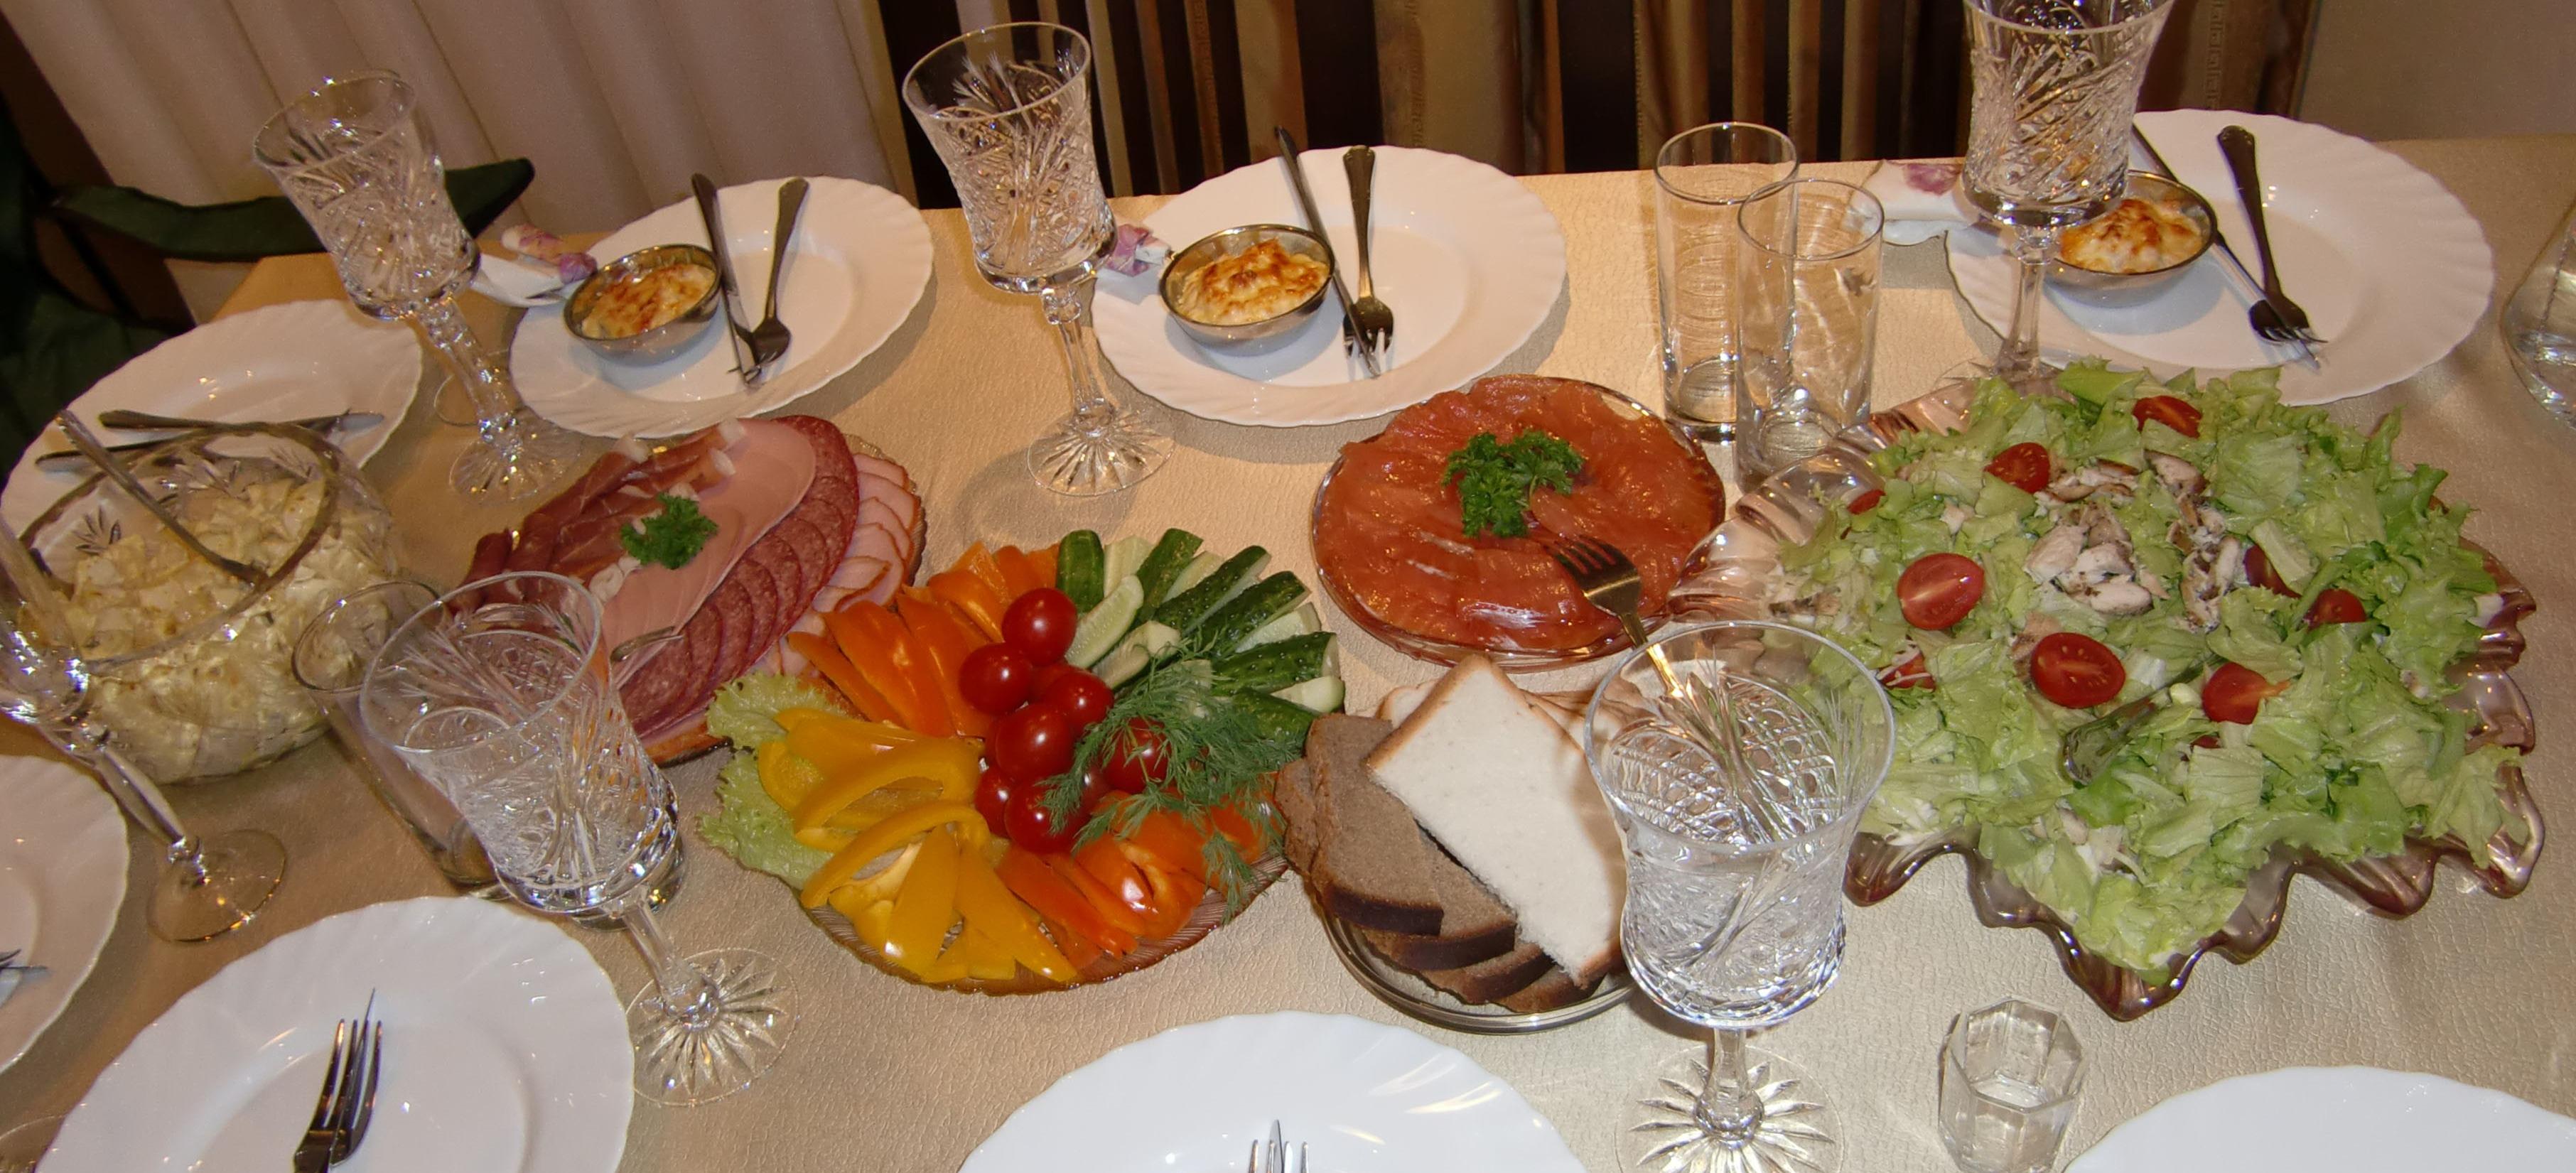 Dekket bord med salater